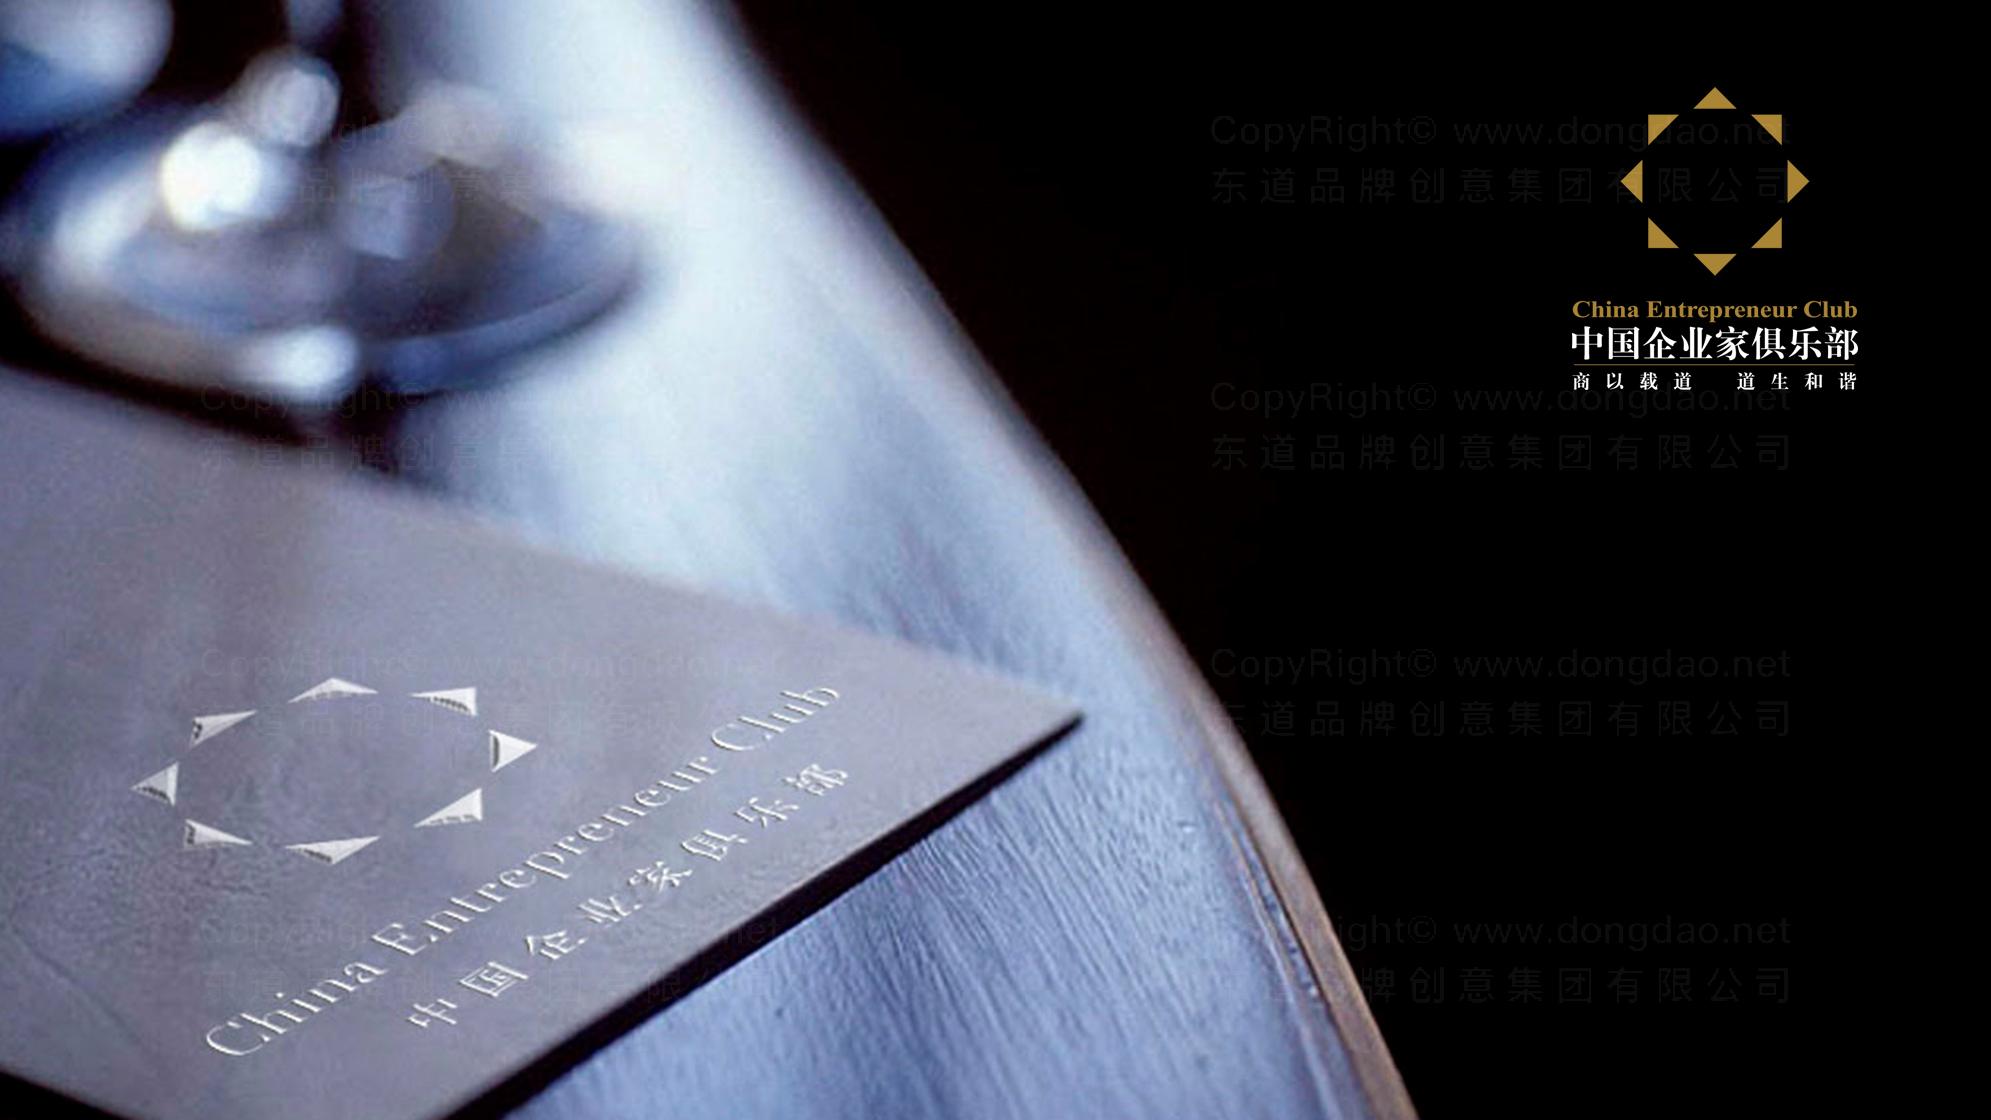 品牌设计中国企业家俱乐部LOGO设计应用场景